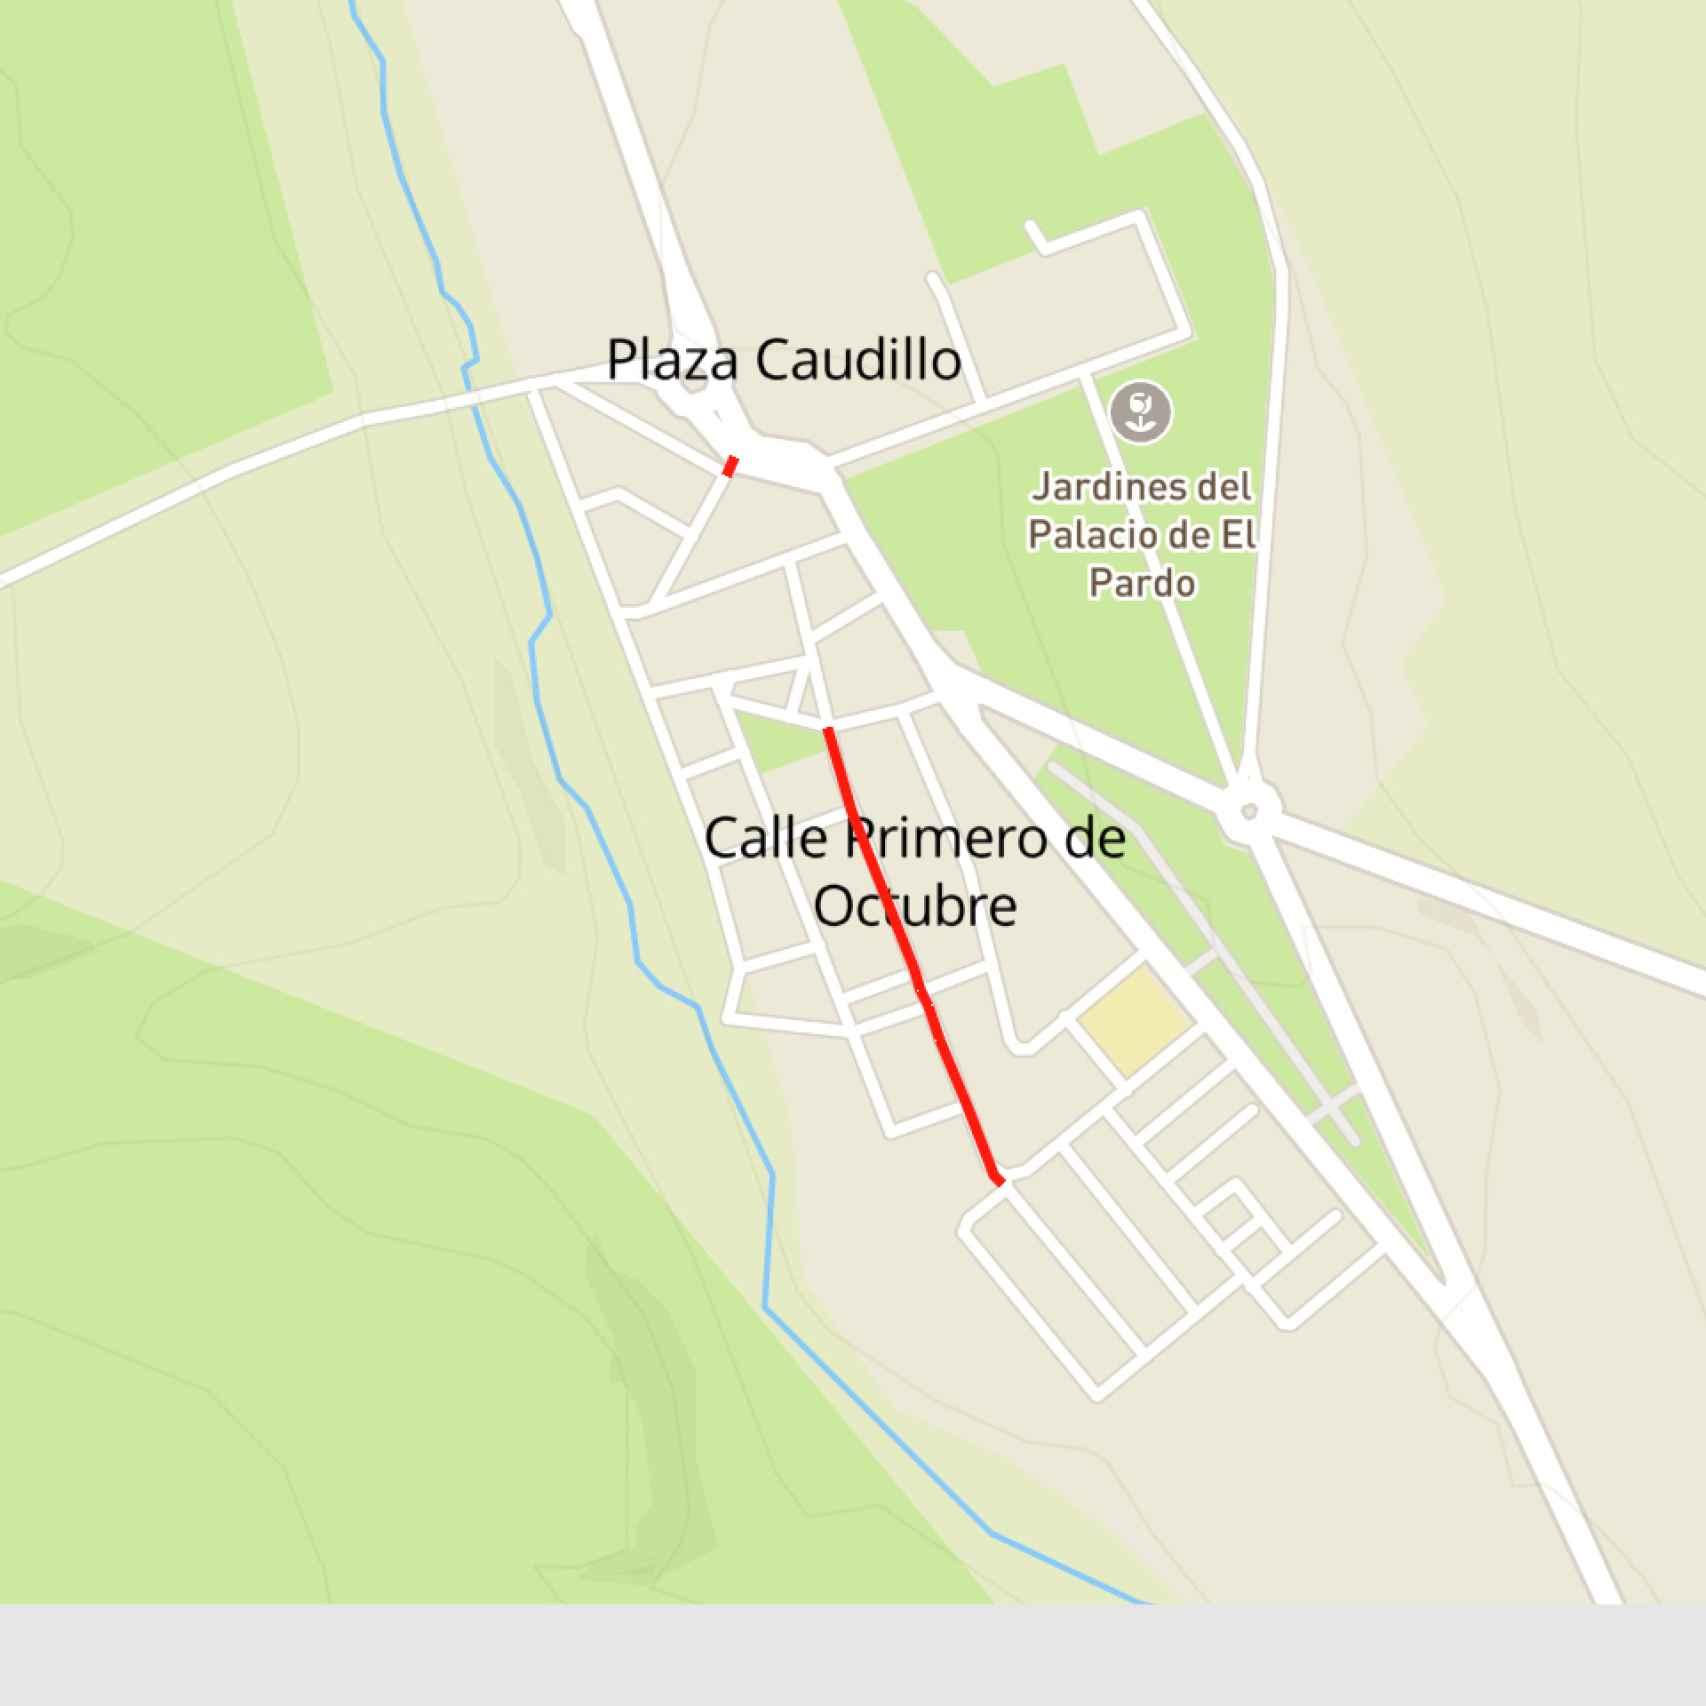 Mapa de El Pardo con las dos calles anuladas.